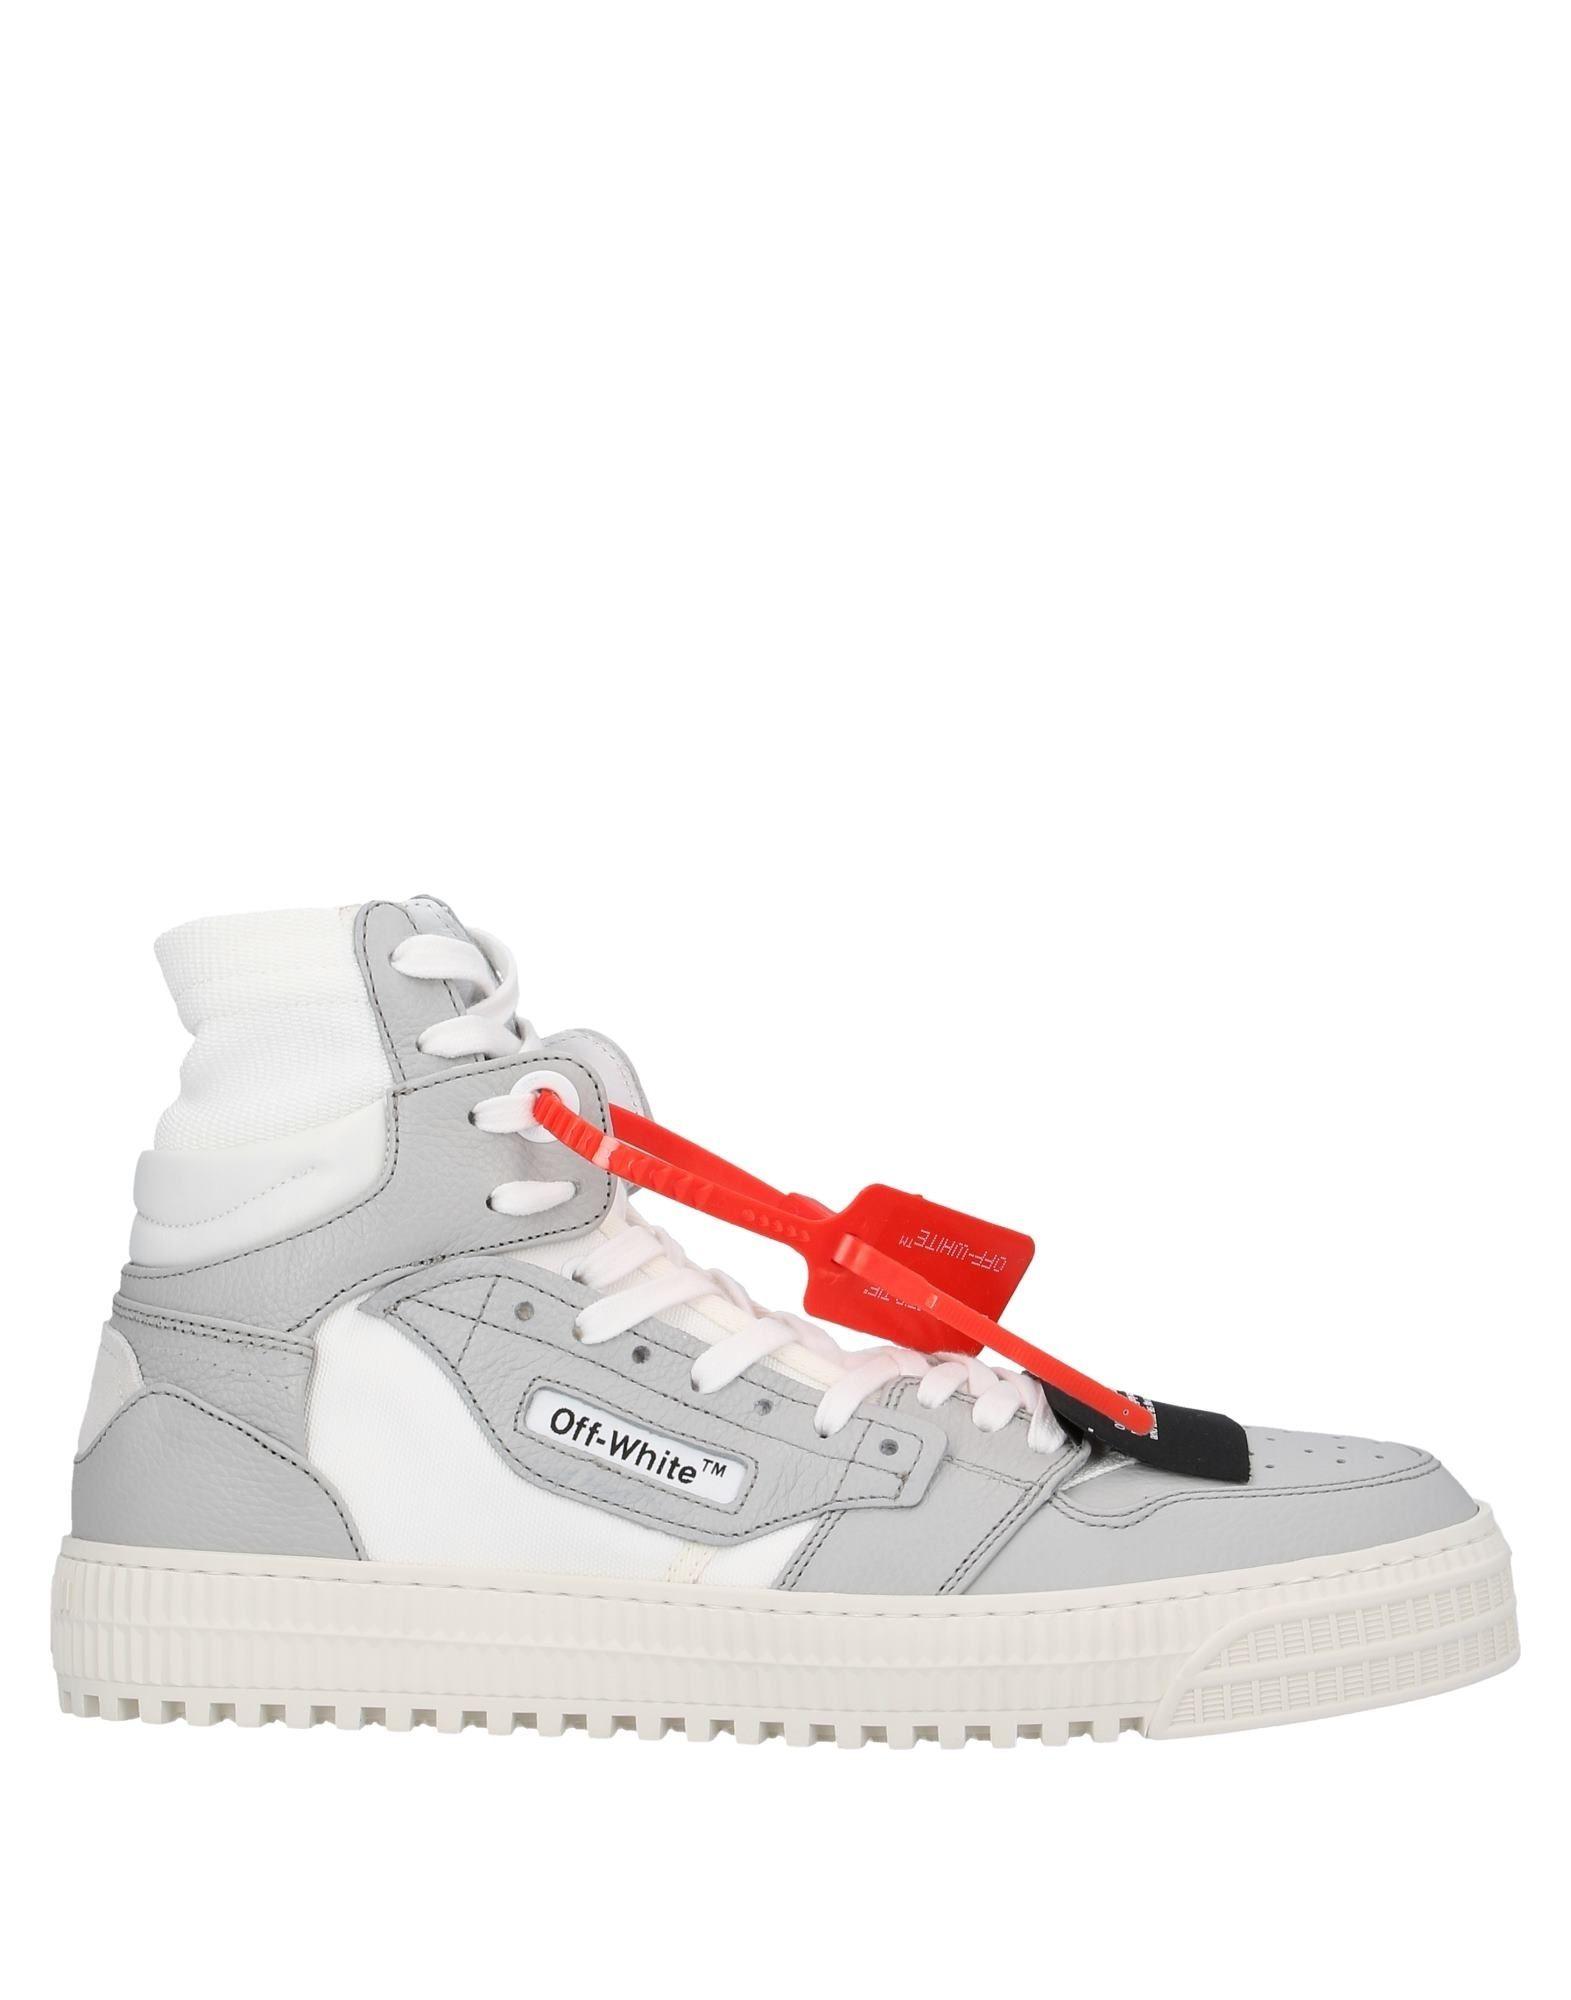 OFF-WHITE™ Высокие кеды и кроссовки